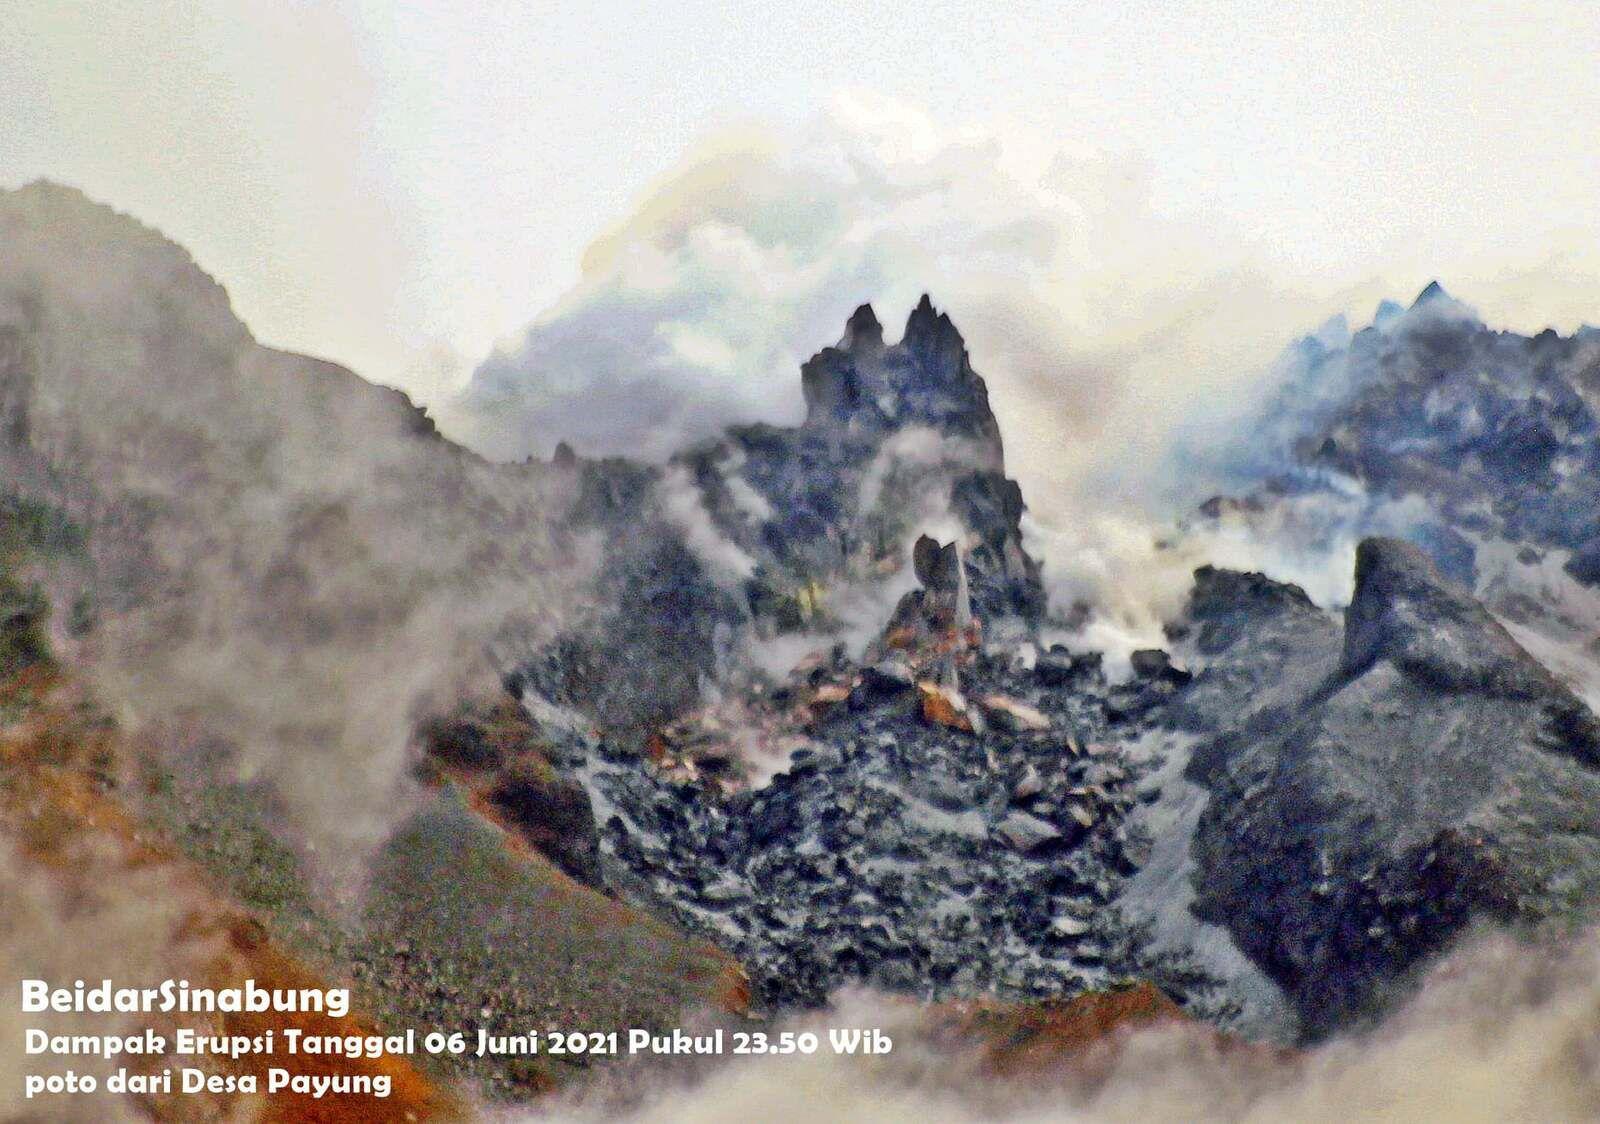 Sinabung - le dôme après éruption du 6 juin - photo 08.06.2021 par Firdaus Surbakti de Desa Payung / via Beidar Sinabung